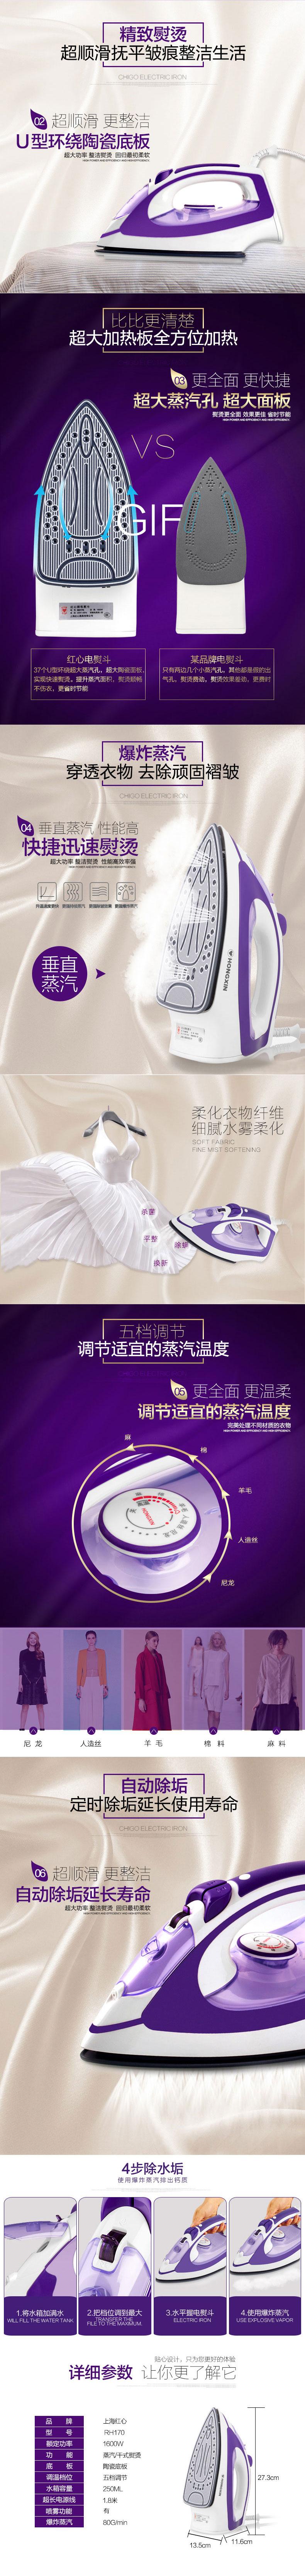 红心电熨斗详情页紫色调|电子商务/商城|网页|嘿